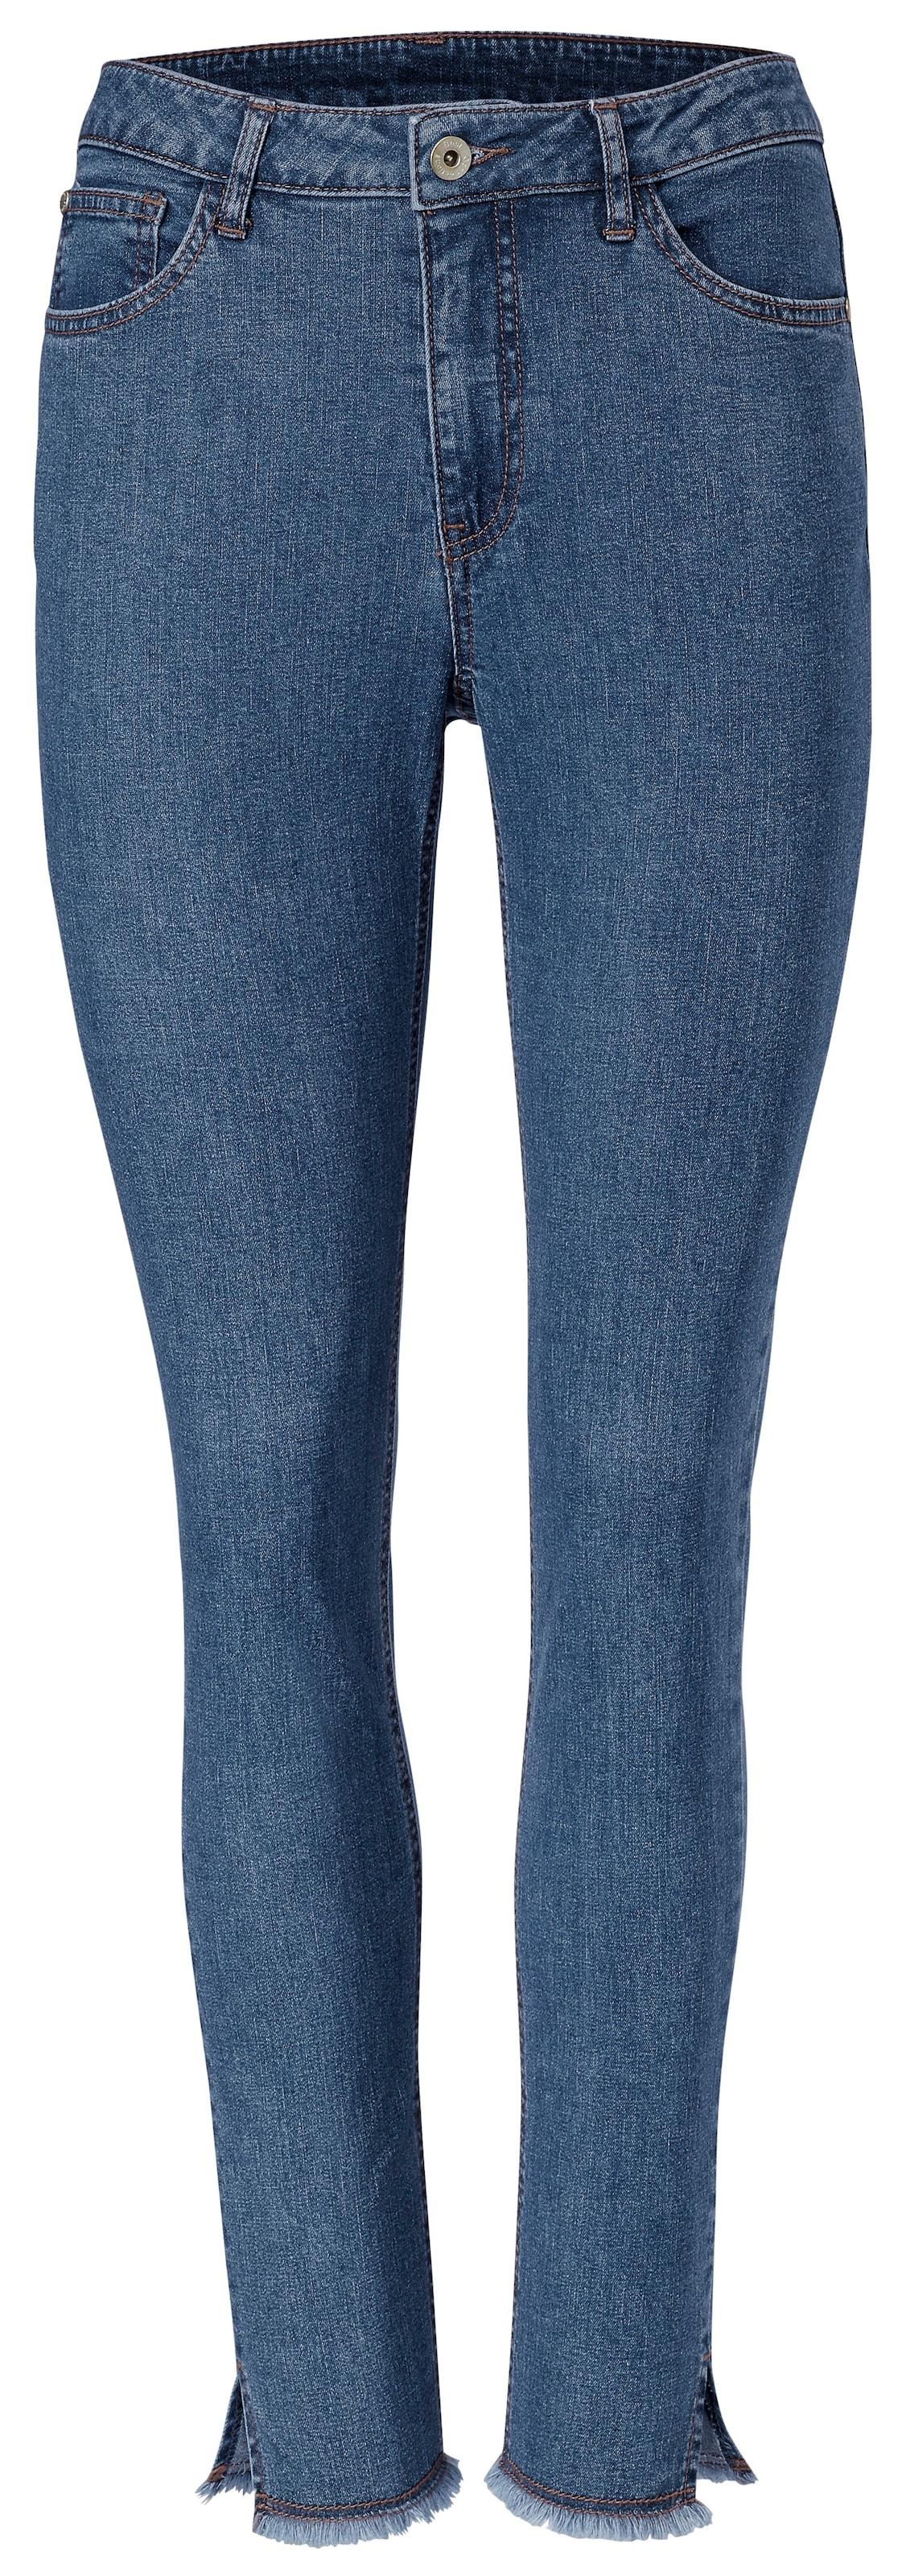 Heine Denim Blue Jeans Jeans Heine In uOiPTkZX